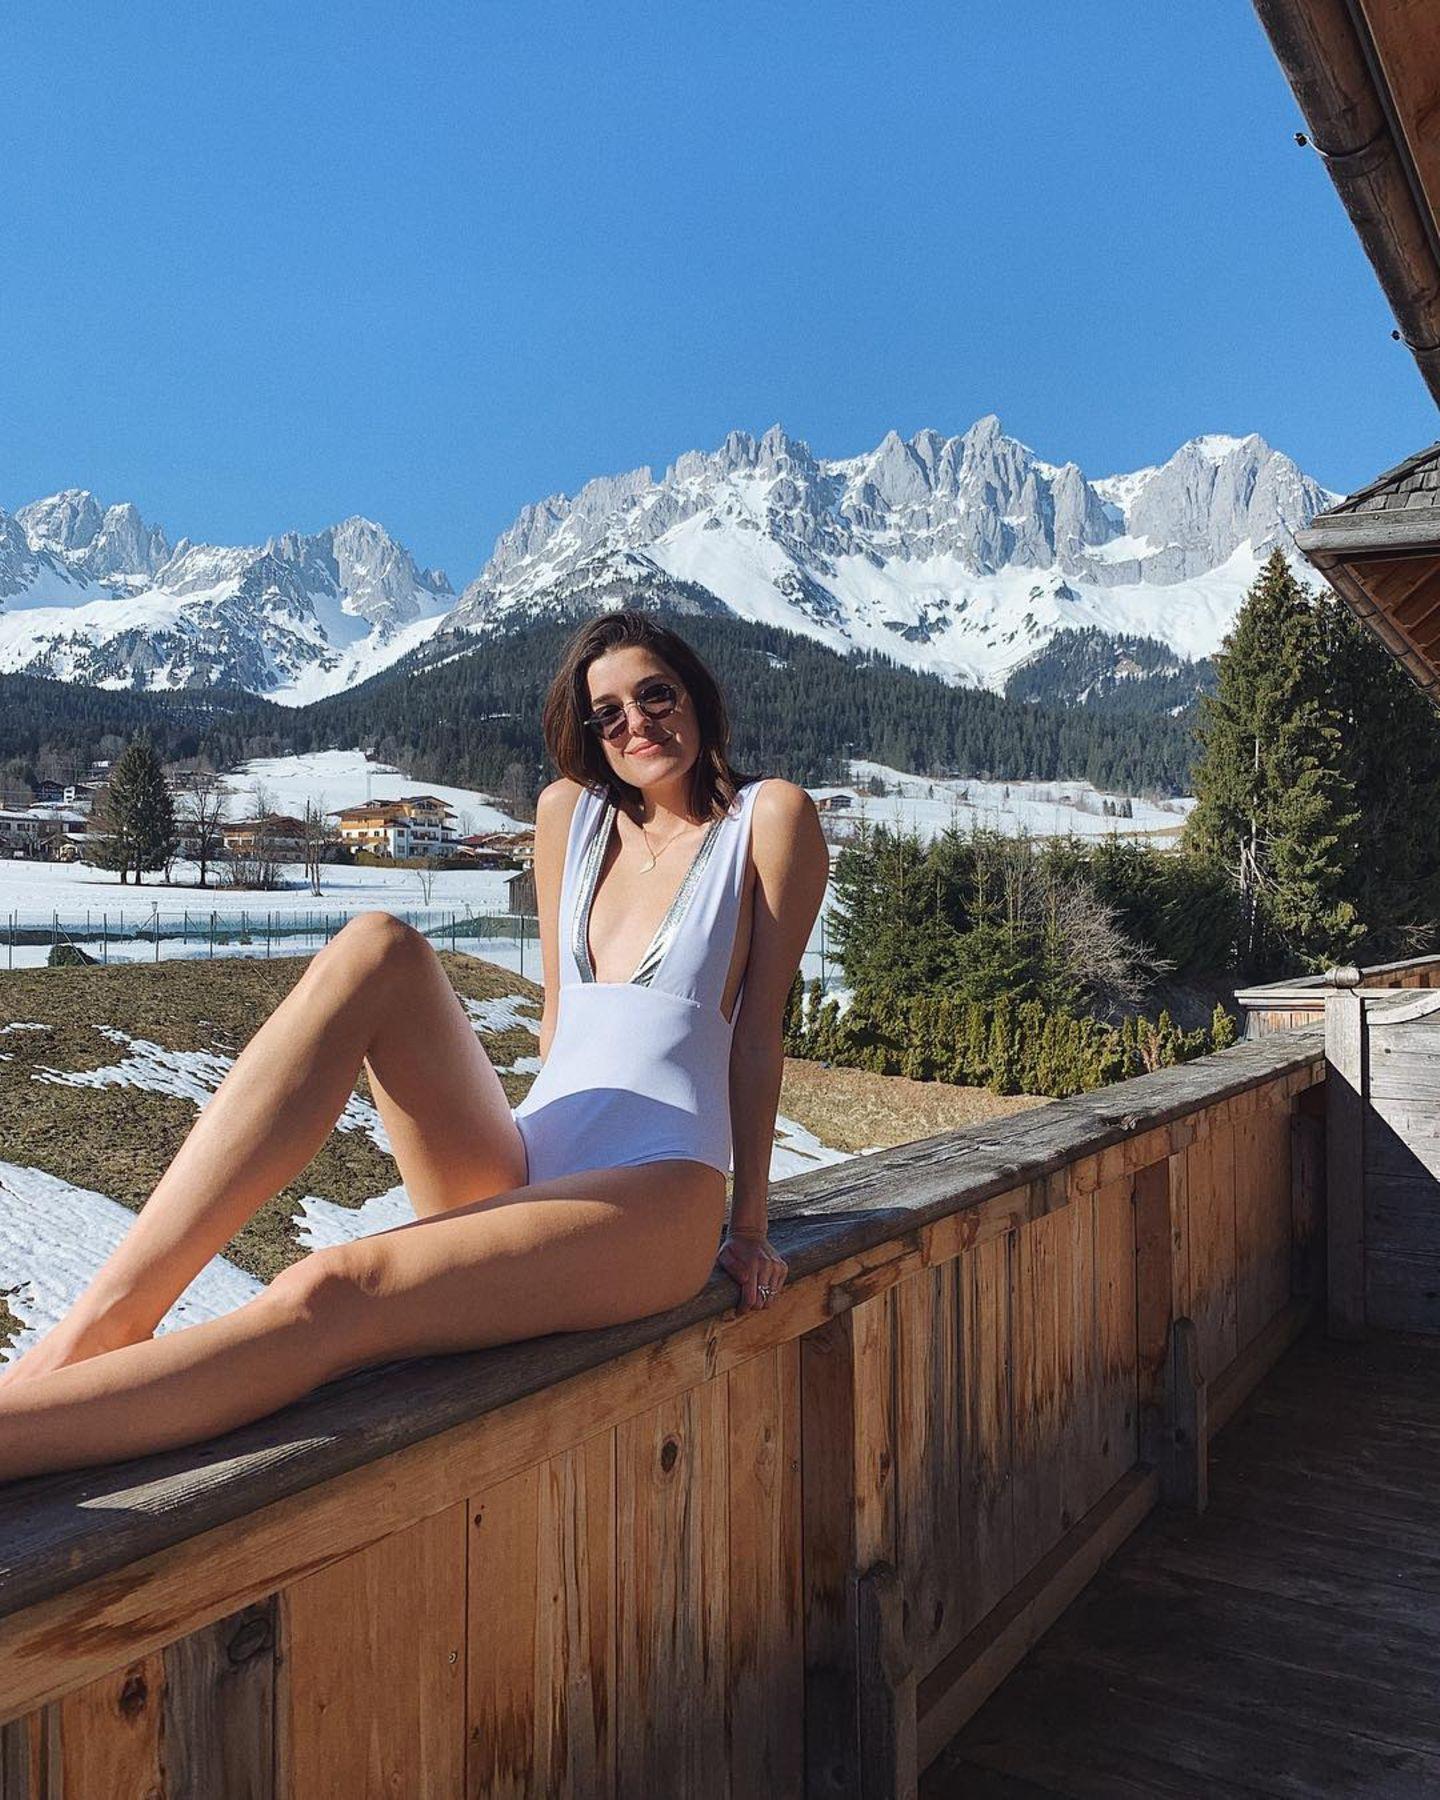 23. März  Model Marie Nasemann weiß, wie sie für das perfekte Postkartenmotiv posieren muss. Die schneebedeckten Berggipfel im Hintergrund und das Strandfeeling davor – ihr Urlaub in den Bergen scheint der perfekte Mix zu sein.